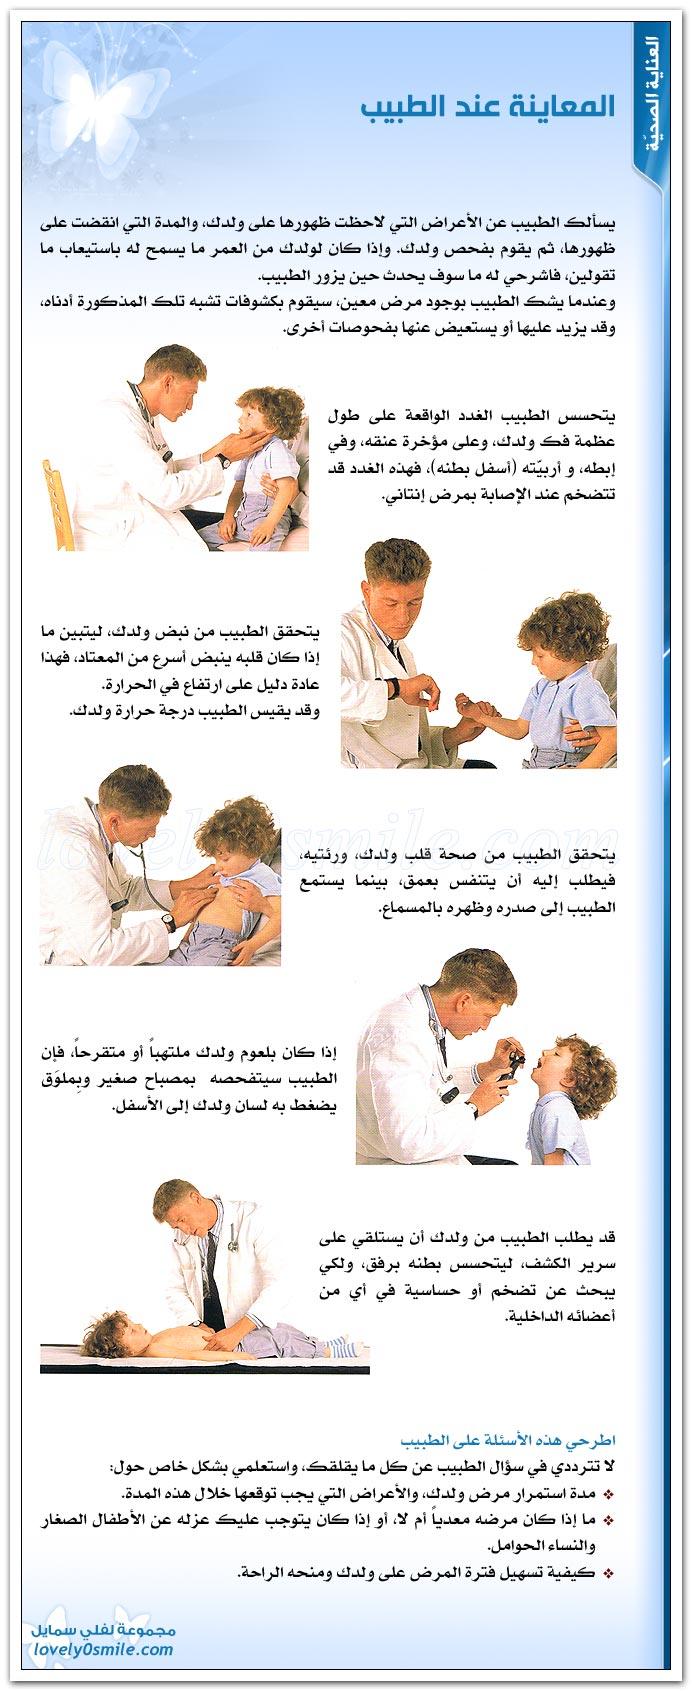 المعاينة عند الطبيب